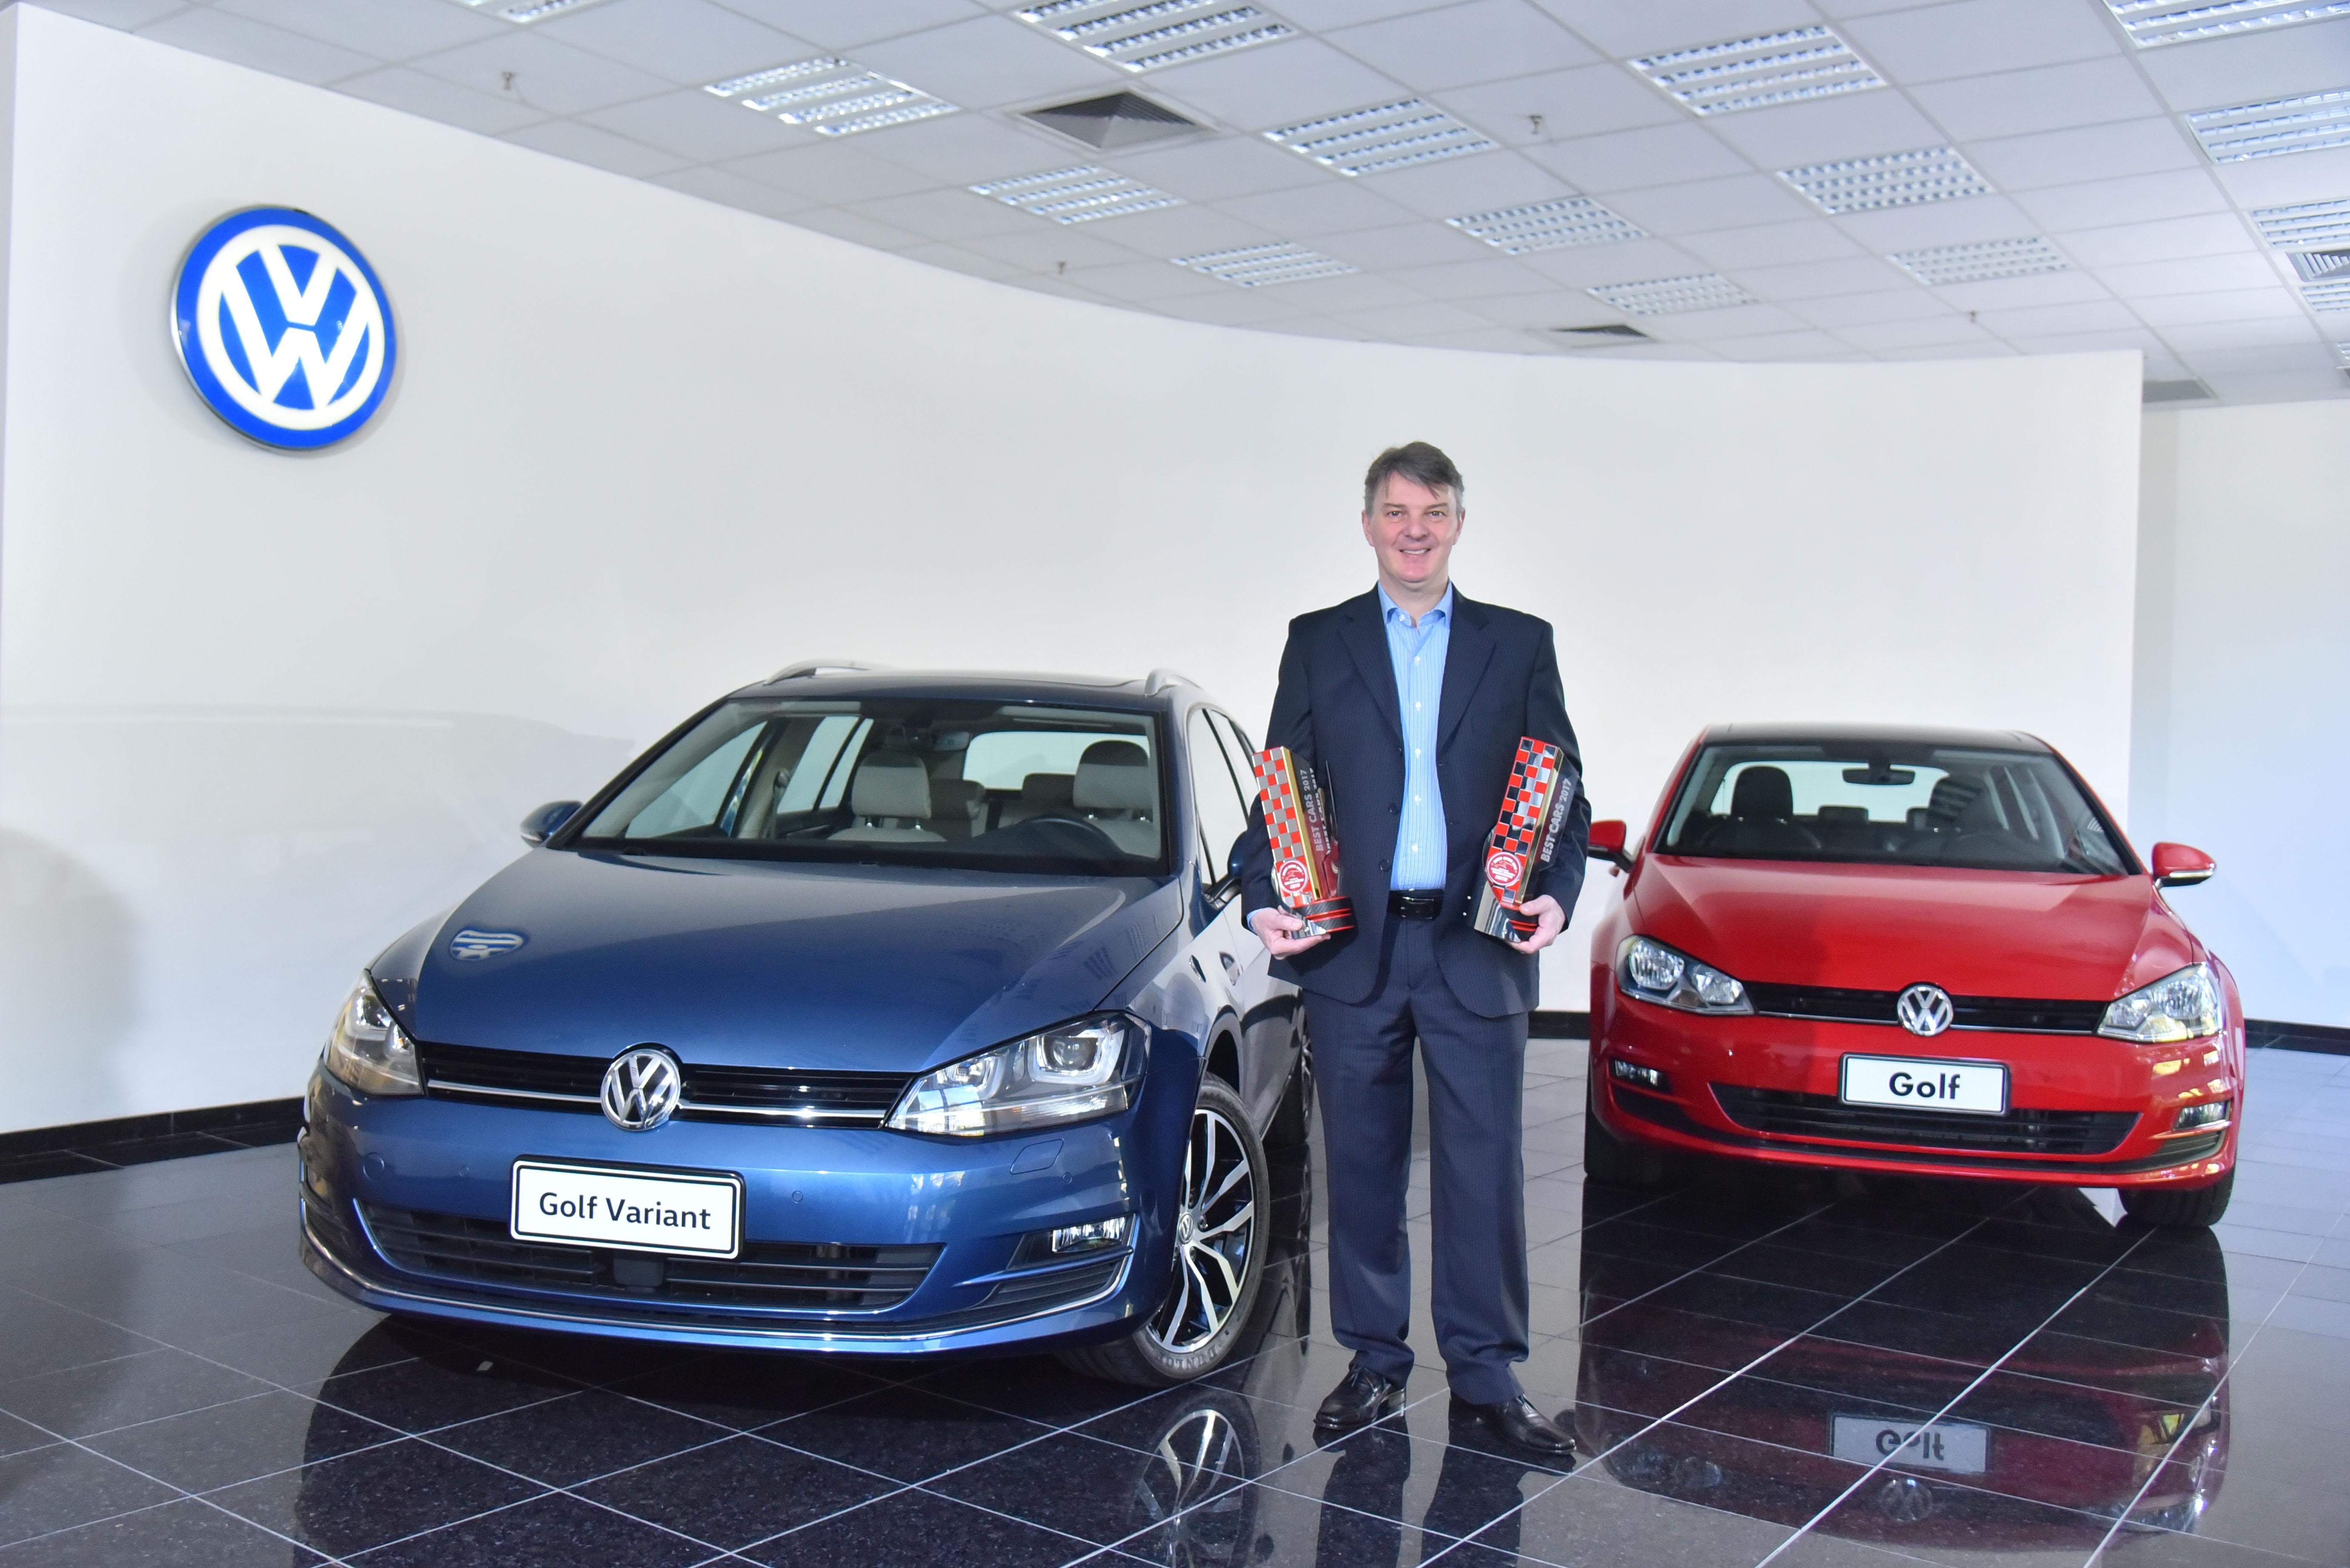 Volkswagen conquista prêmio Best Cars da revista Carro com os modelos Golf e Golf Variant